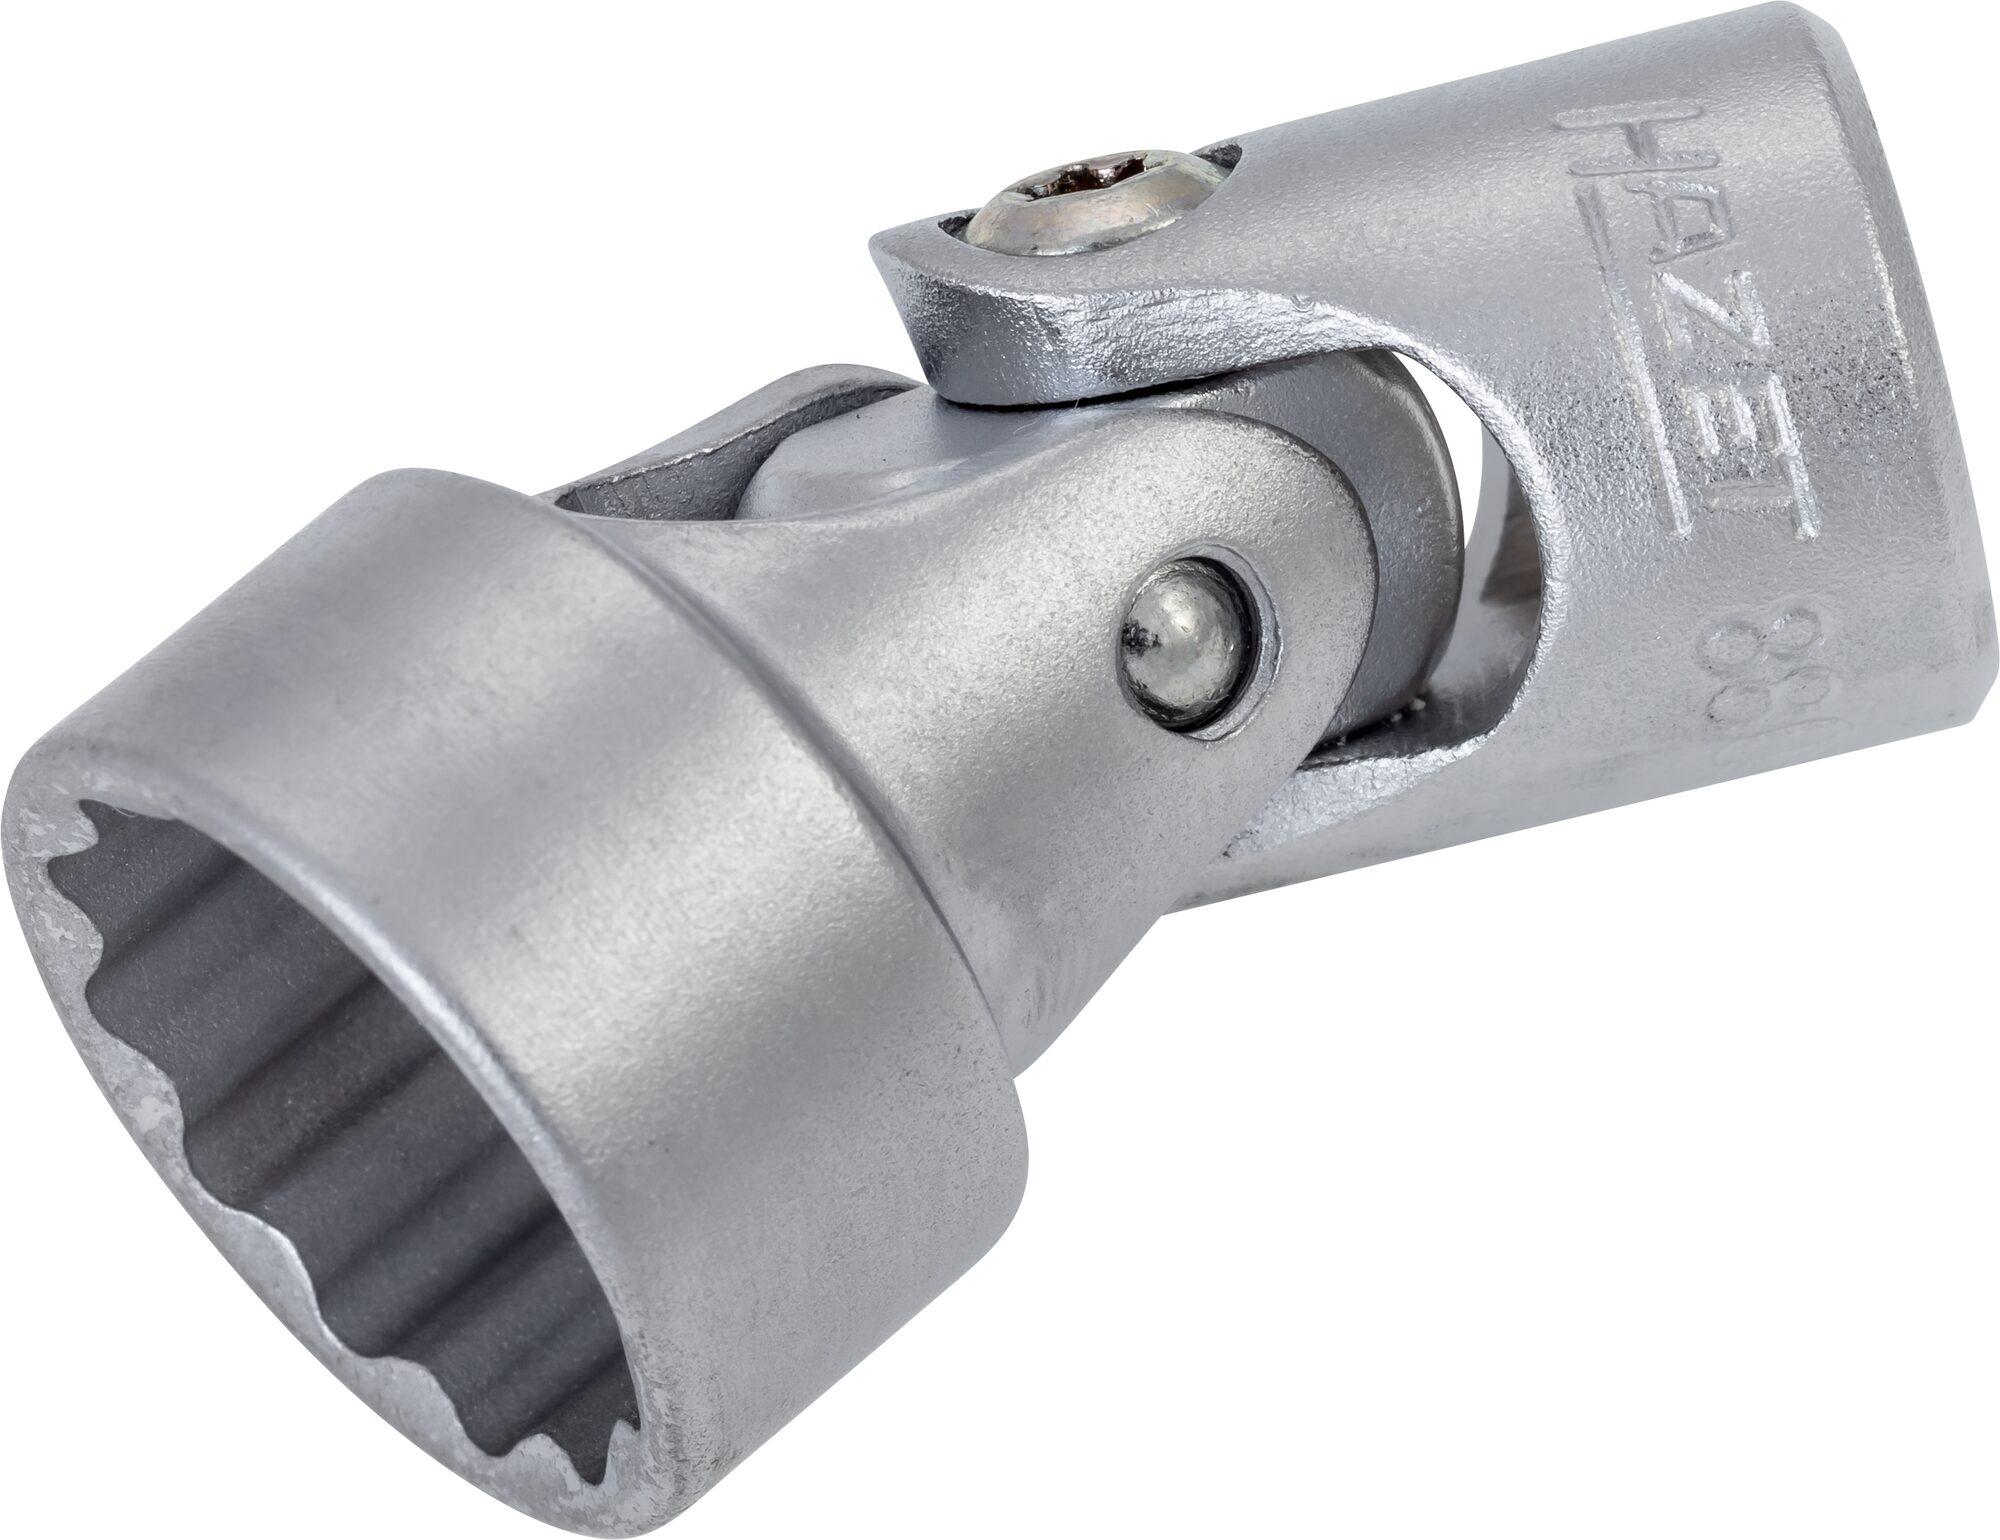 HAZET Gelenk Steckschlüsseleinsatz ∙ Doppelsechskant 880G-Z18 ∙ Vierkant hohl 10 mm (3/8 Zoll) ∙ 18 mm